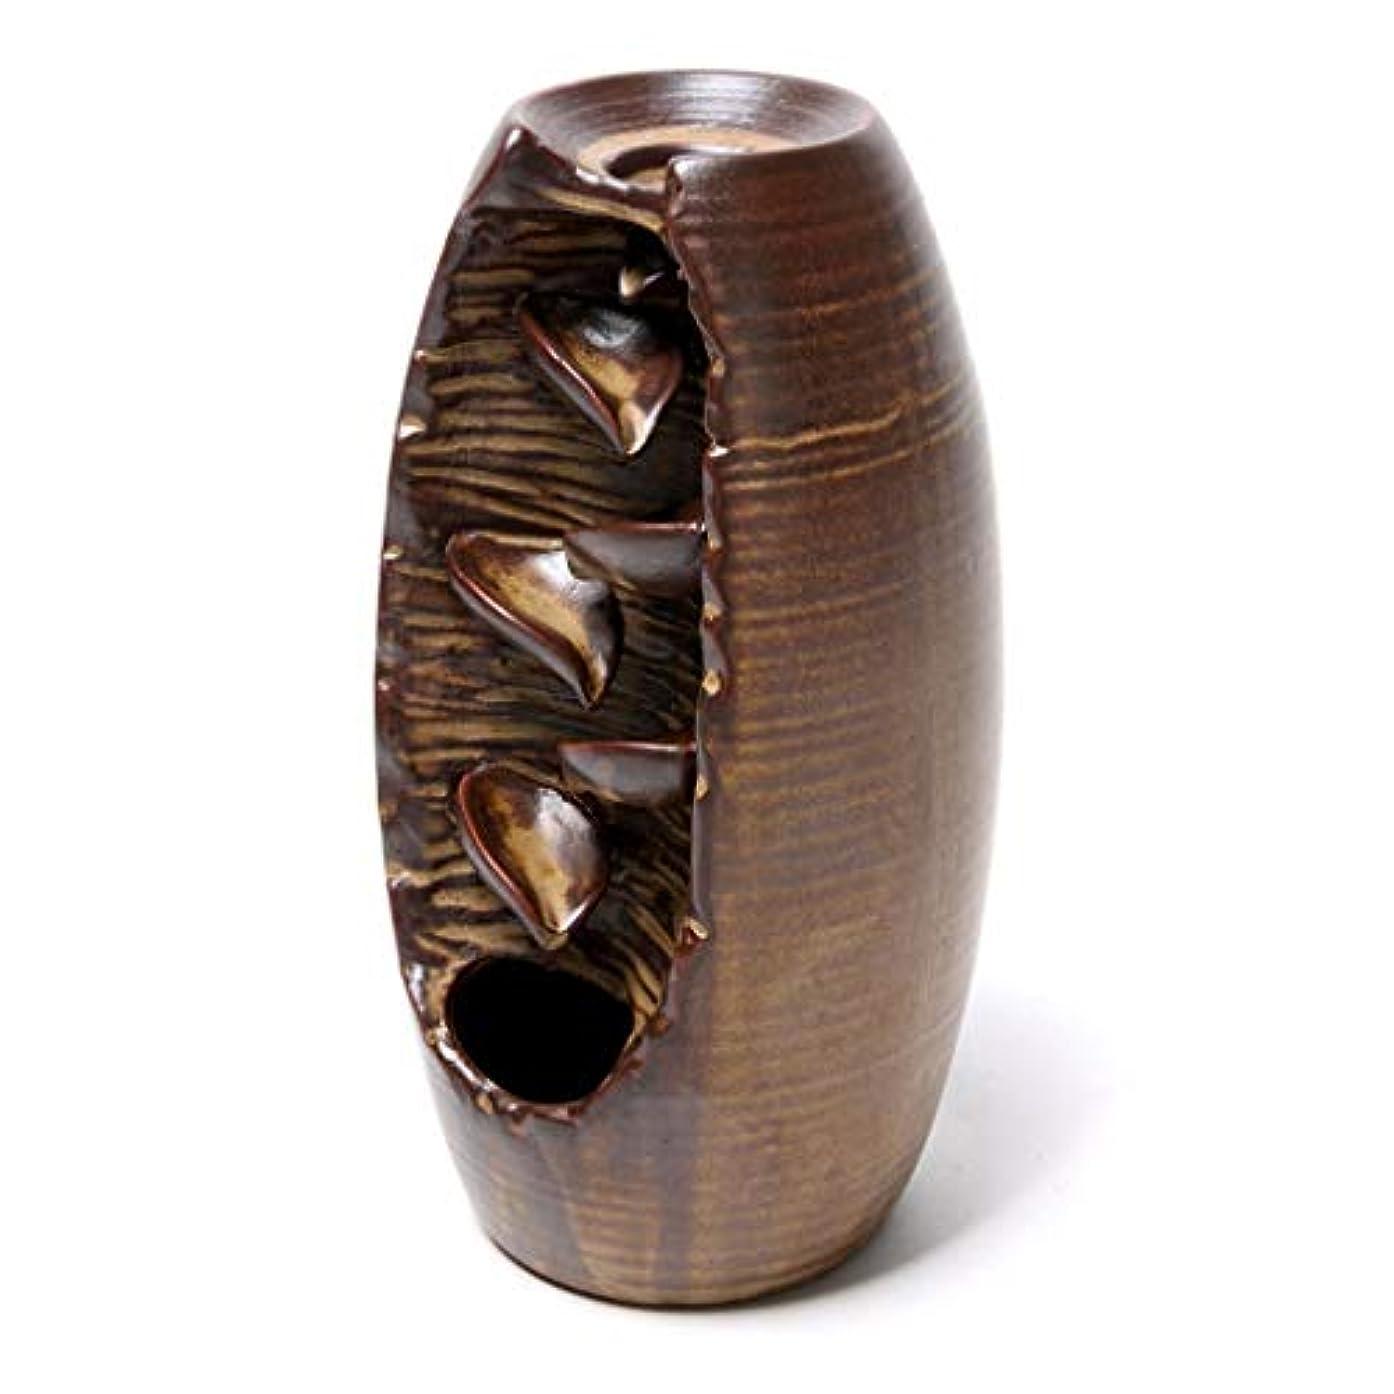 非公式リマークパネルクリエイティブ逆流香バーナーセラミック香コーンバーナーホルダーホームフレグランスアロマセラピー装飾香ホルダー (Color : Brown, サイズ : 3.54*8.07 inches)